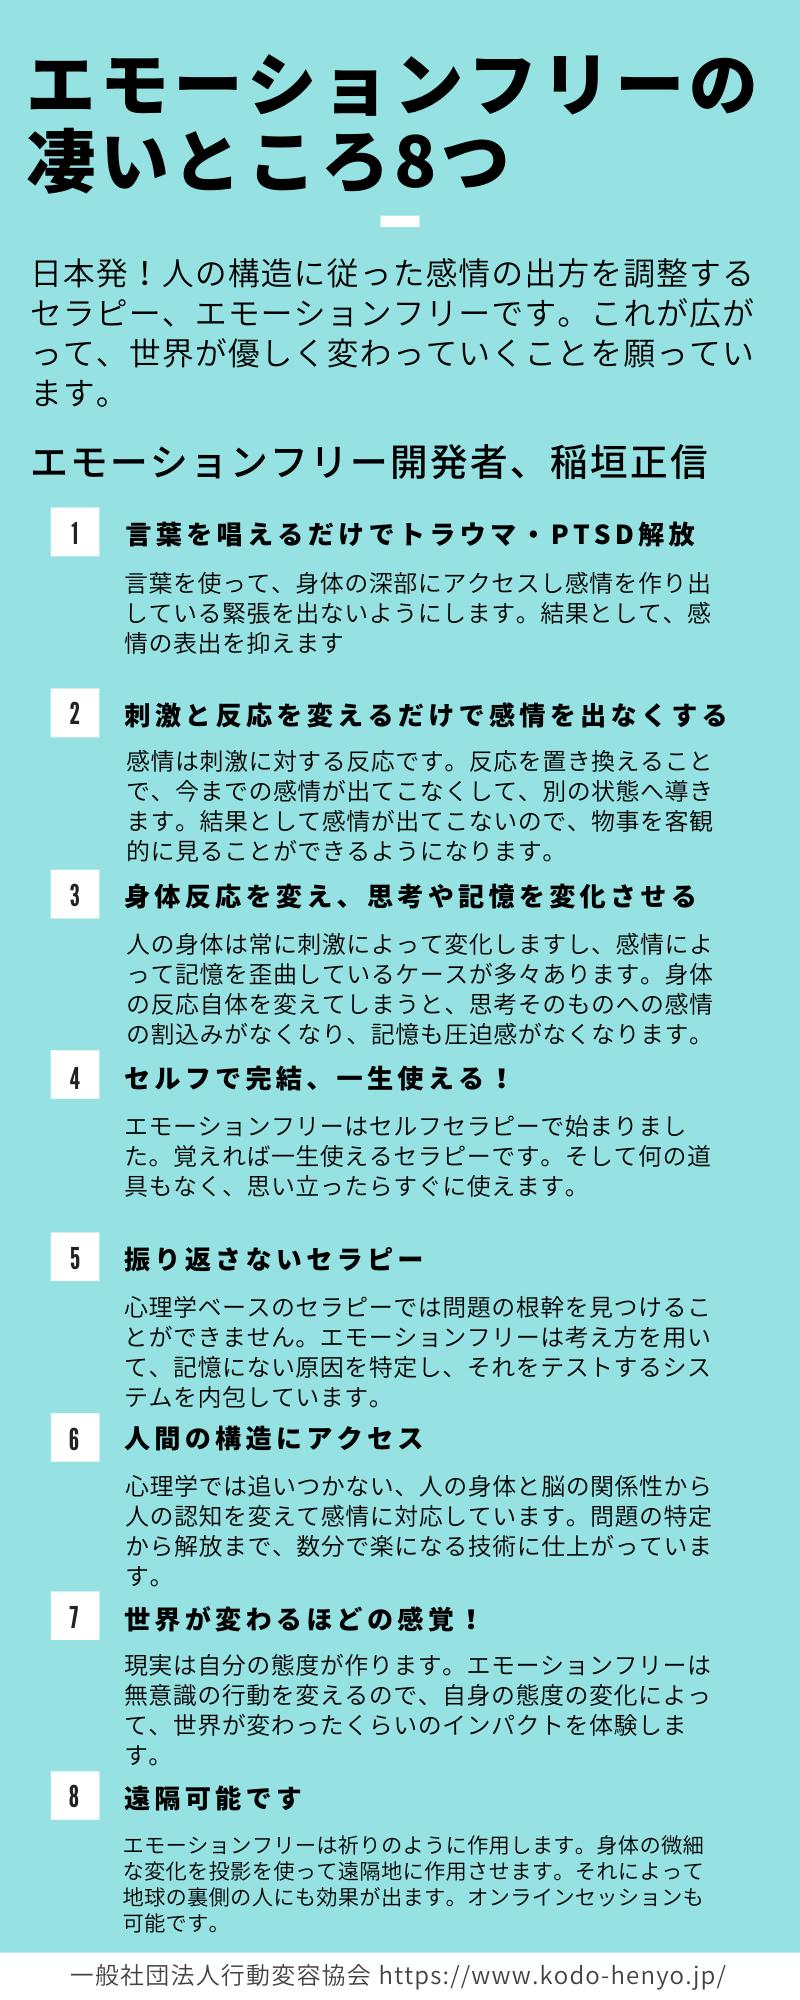 エモーションフリーの8つのポイント